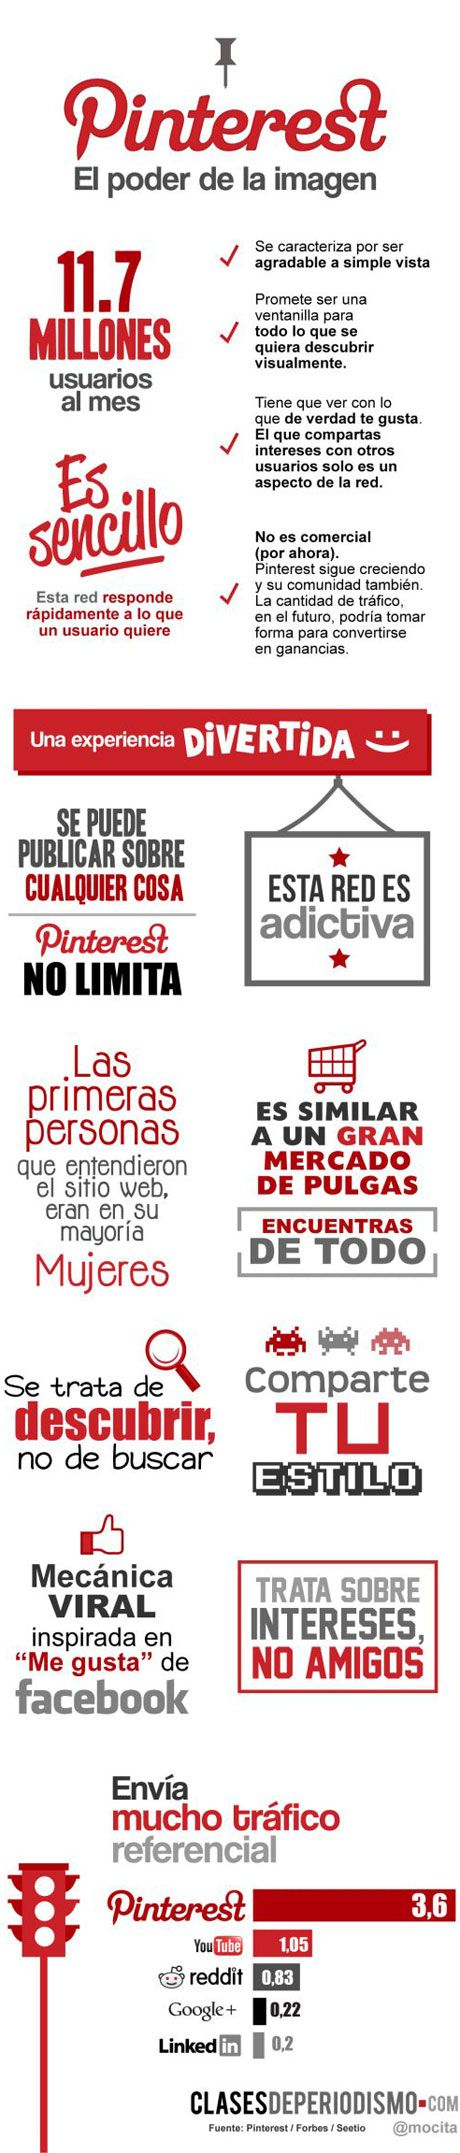 Pinterest: el poder de la imagen #infografia #infographic #socialmedia